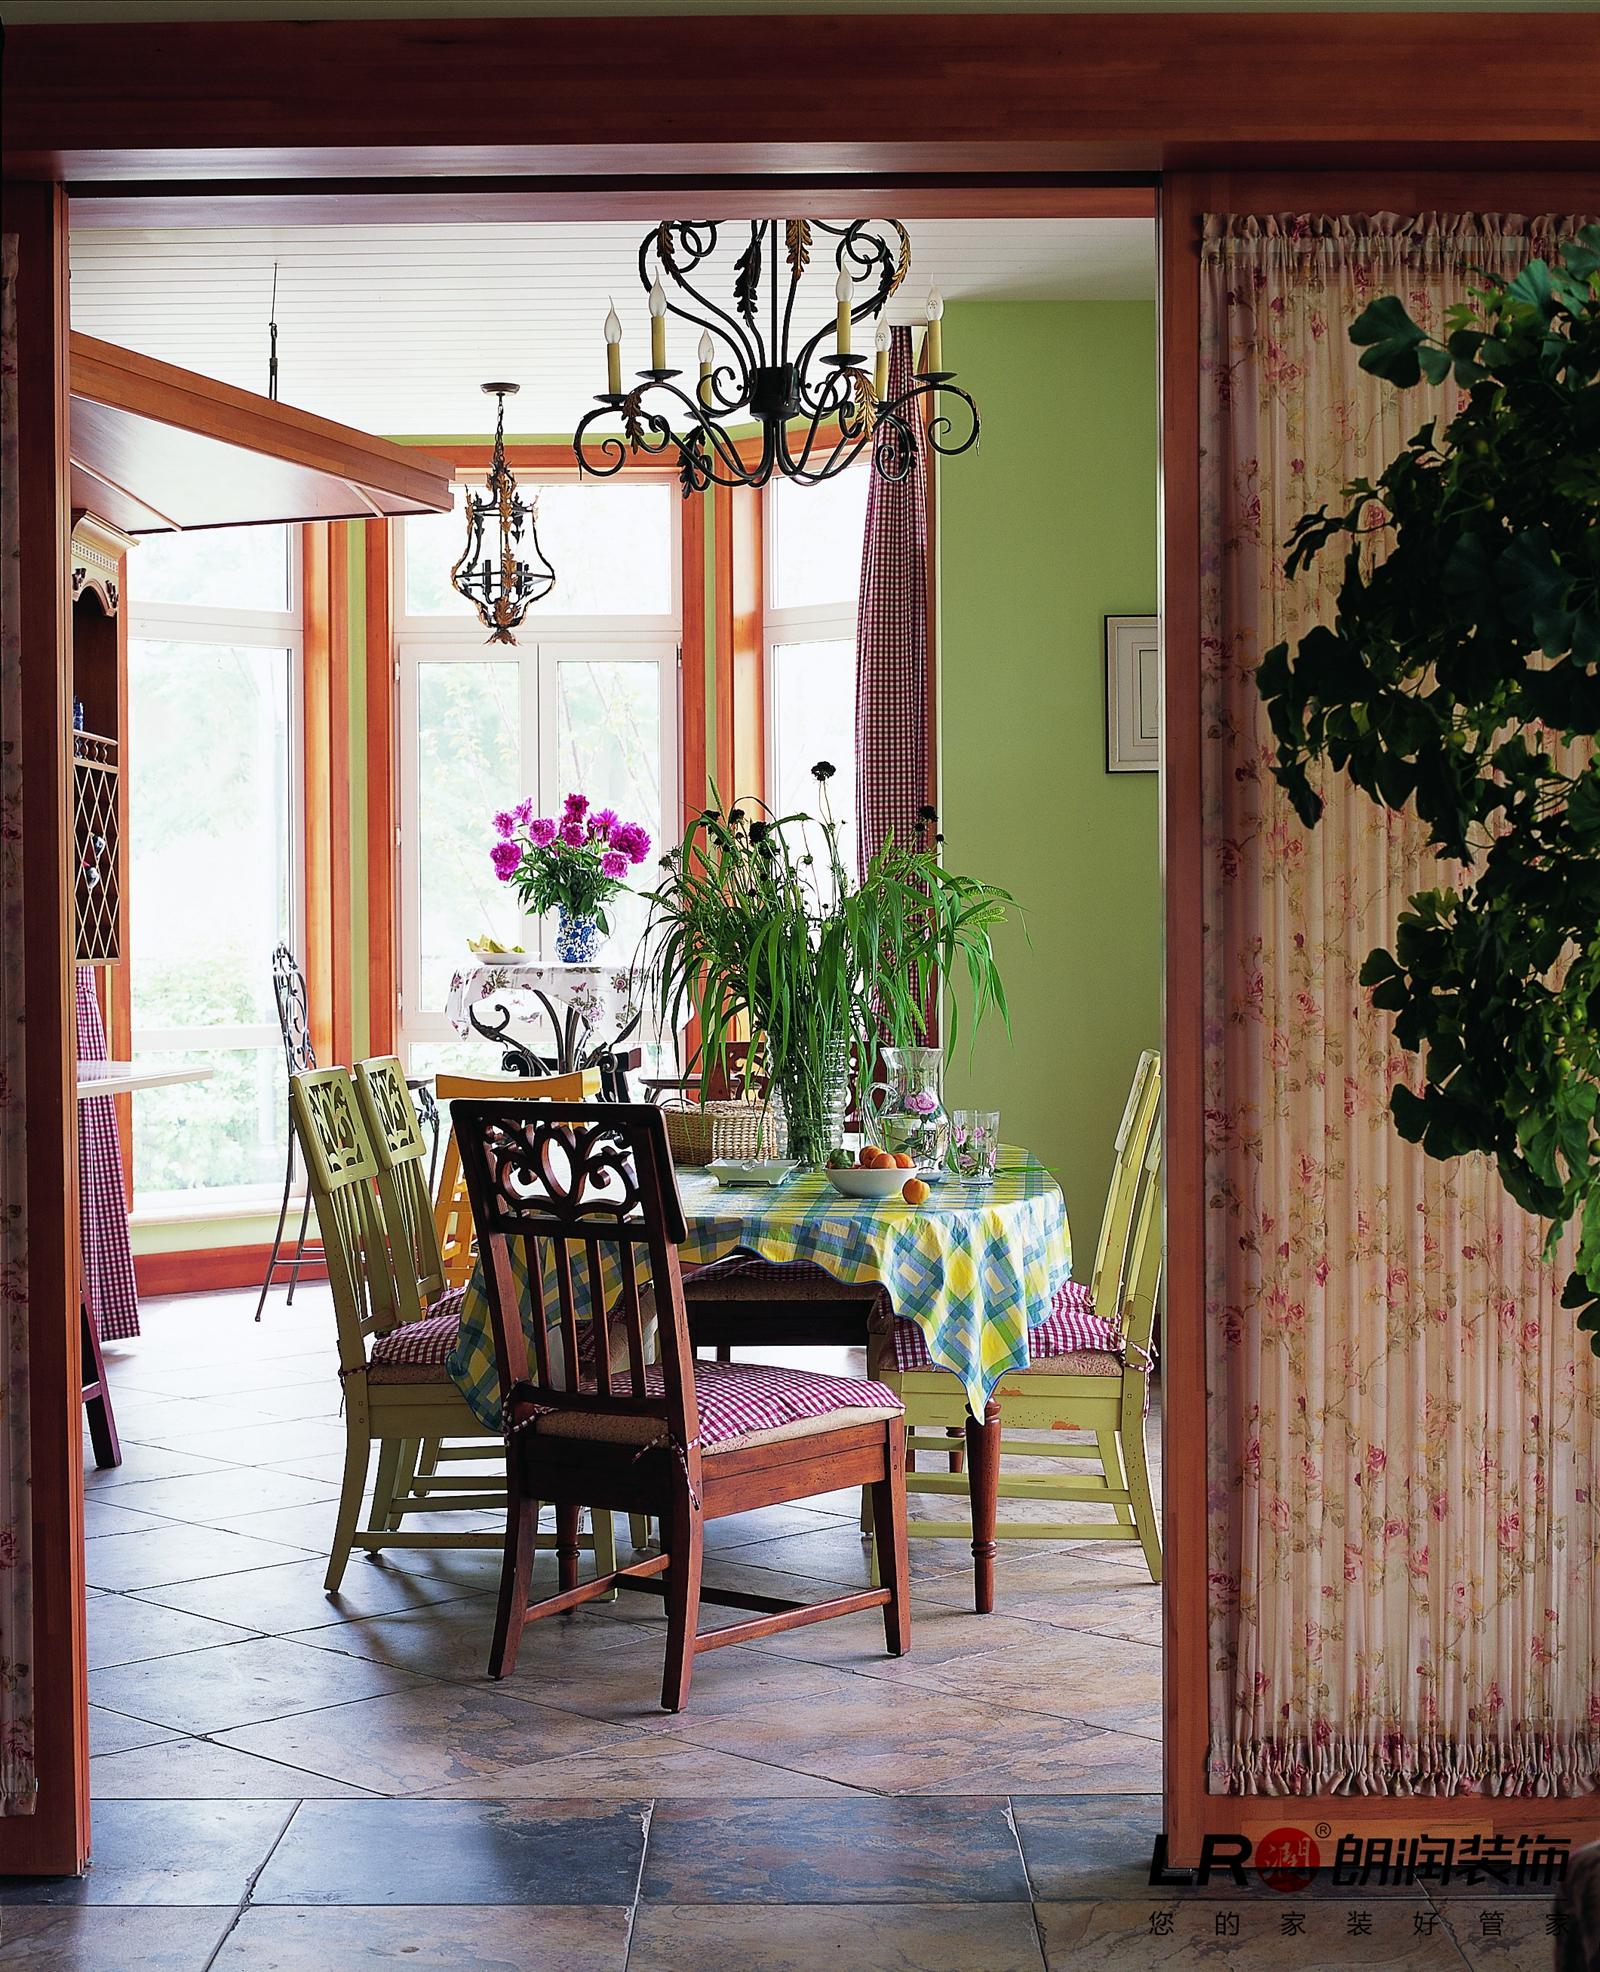 浪漫 美式 乡村 跃层 超自然减压 餐厅图片来自朗润装饰工程有限公司在塞纳河畔的浪漫美式家的分享